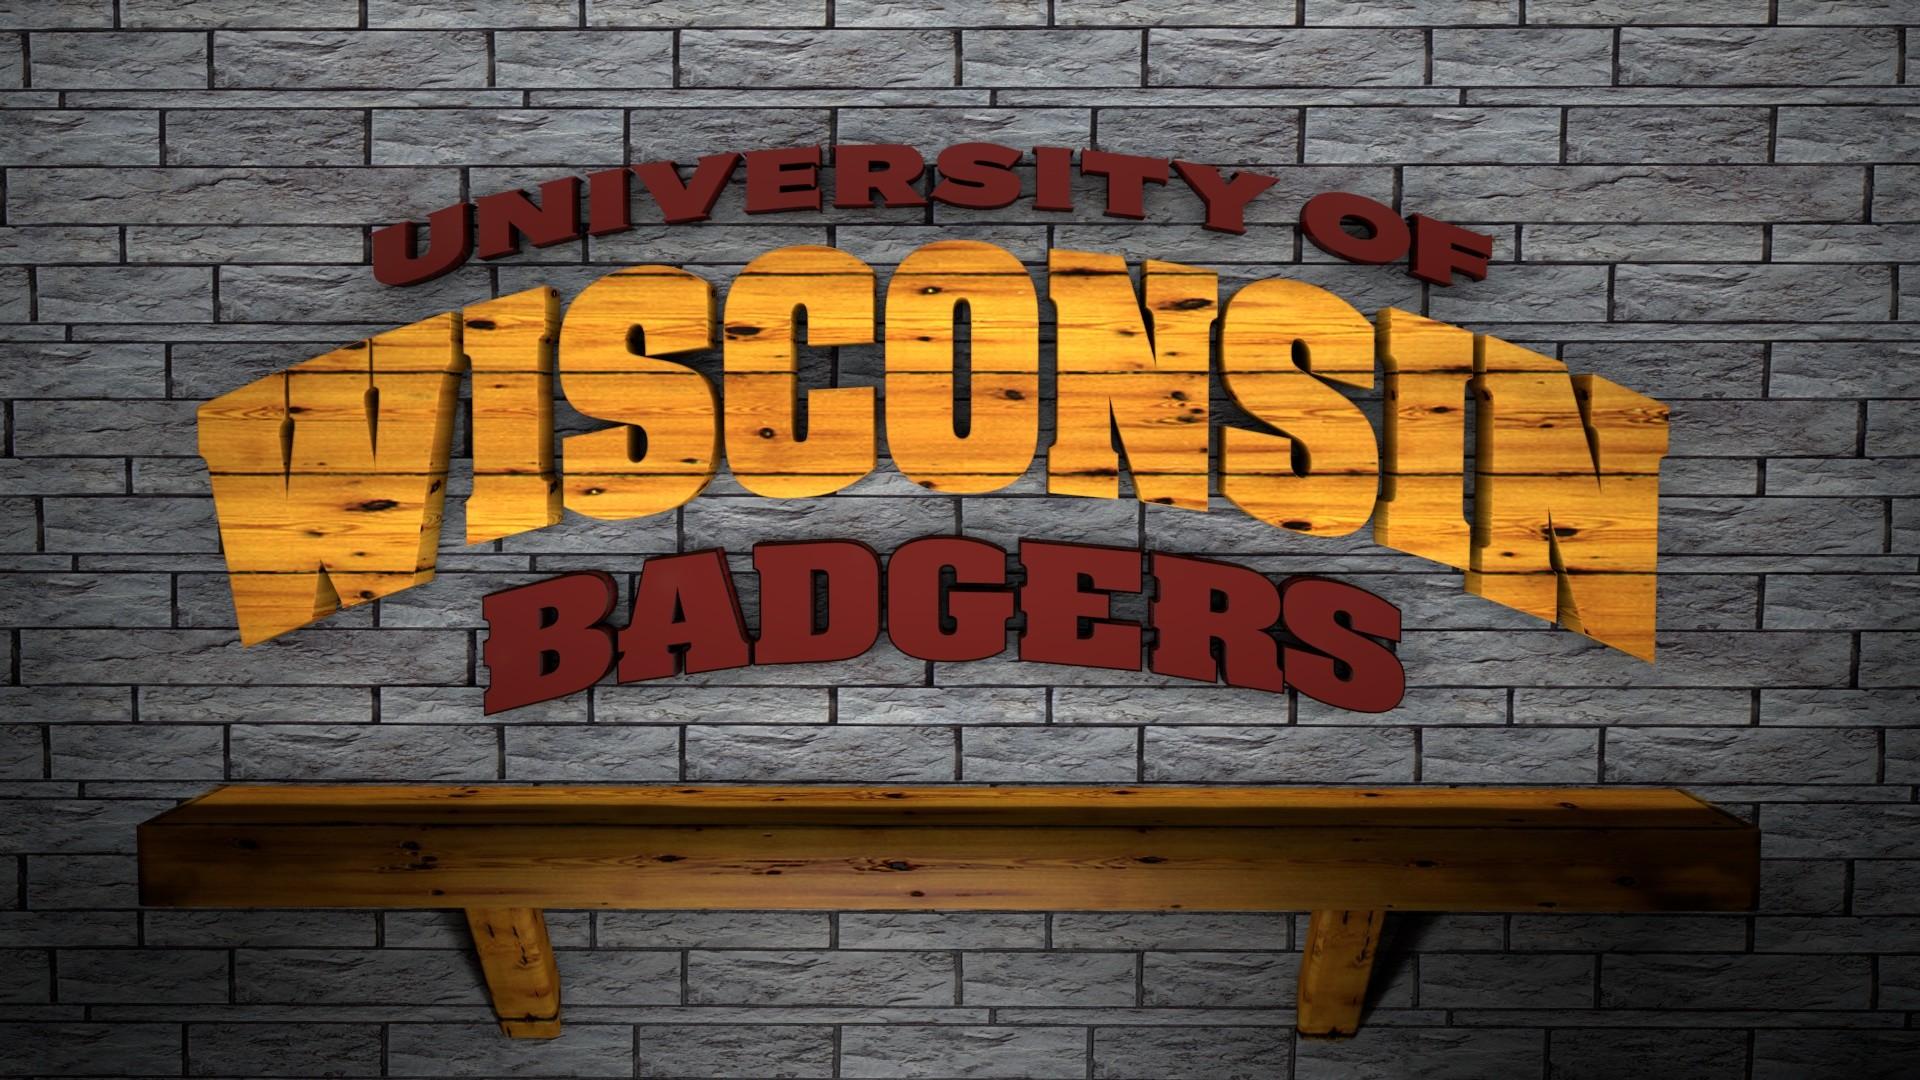 justpict.com Wisconsin Badgers Wallpaper Ipad